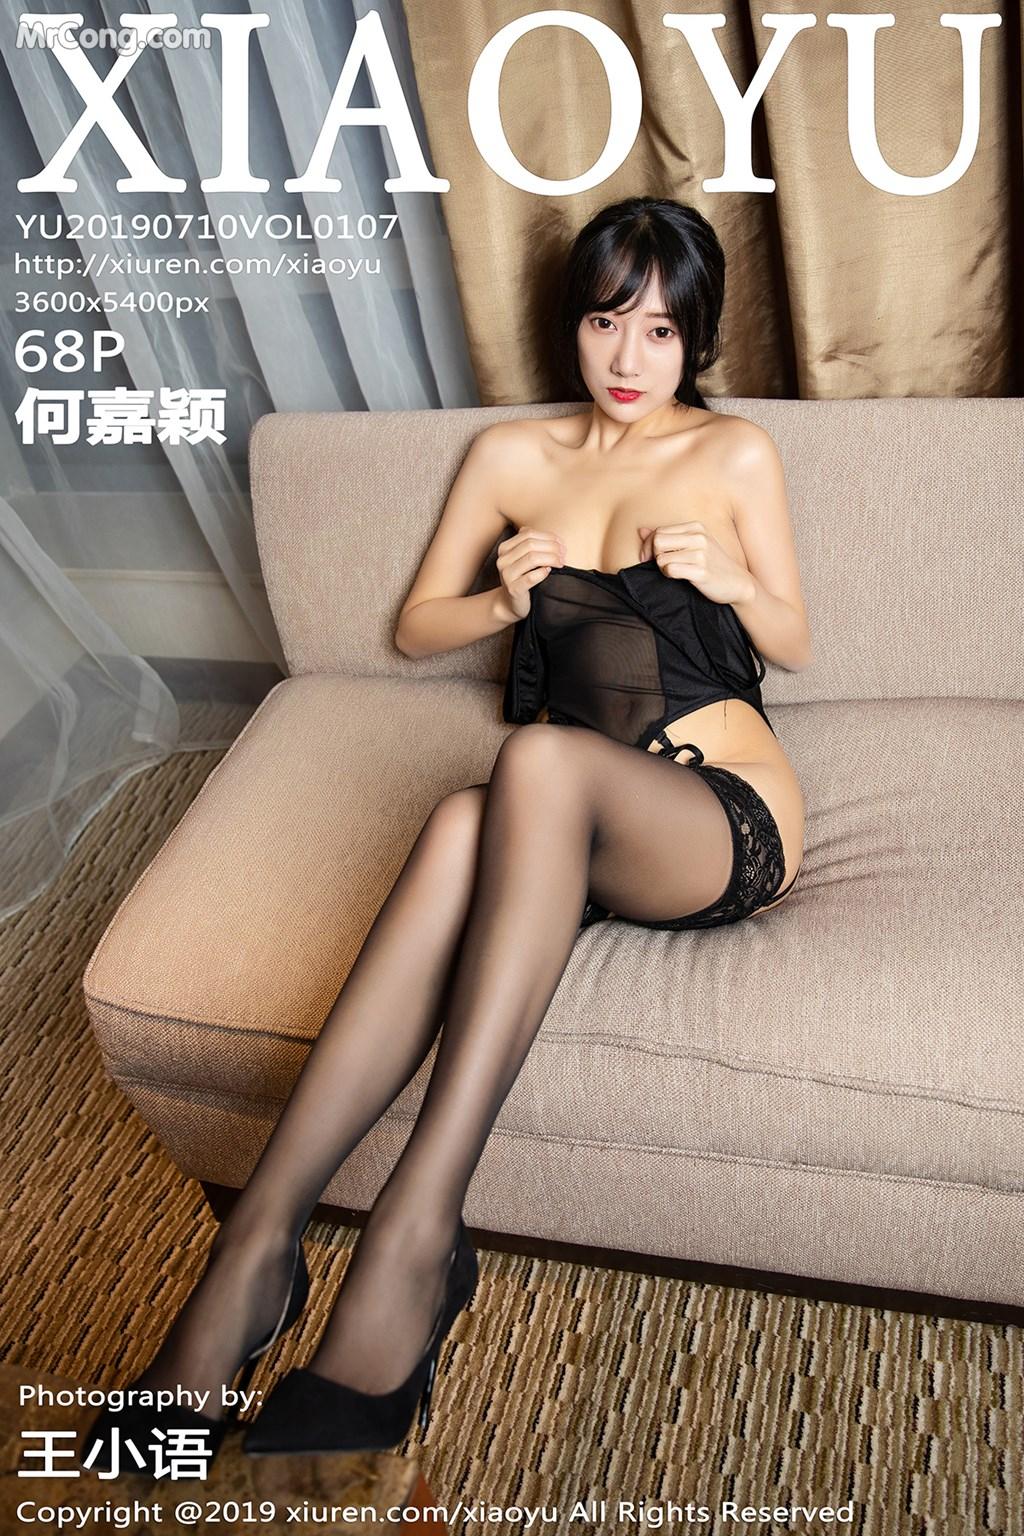 XiaoYu Vol.107: He Jia Ying (何嘉颖) (69 pictures)